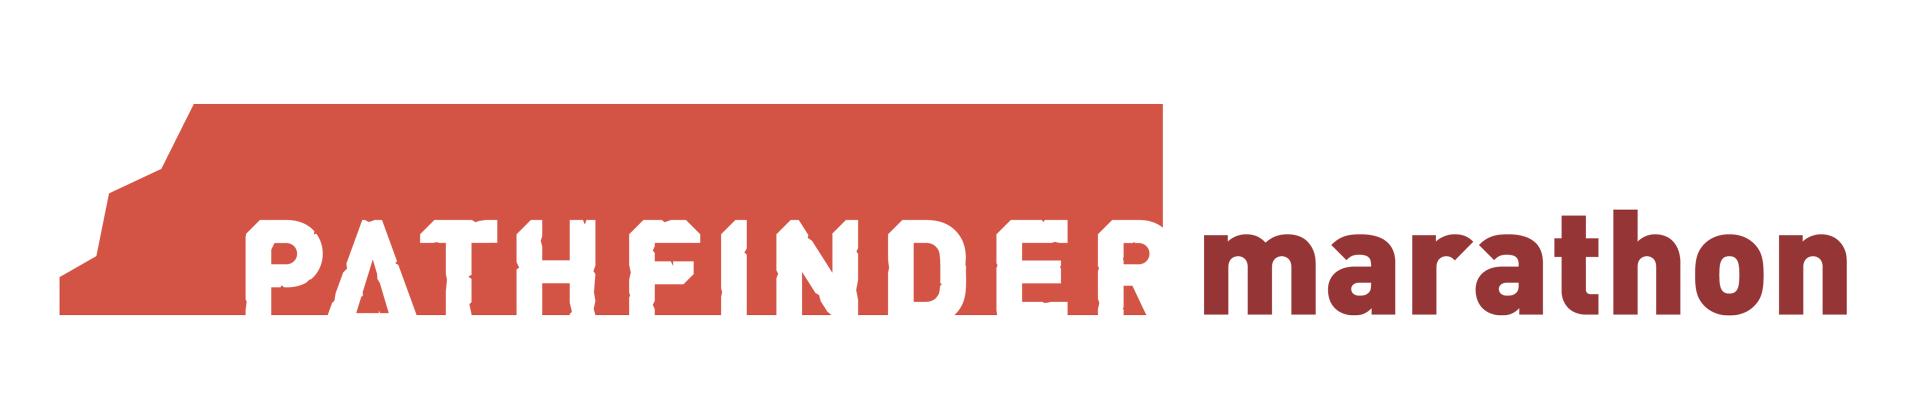 pathfinder-logo_Logo-horizontal.png